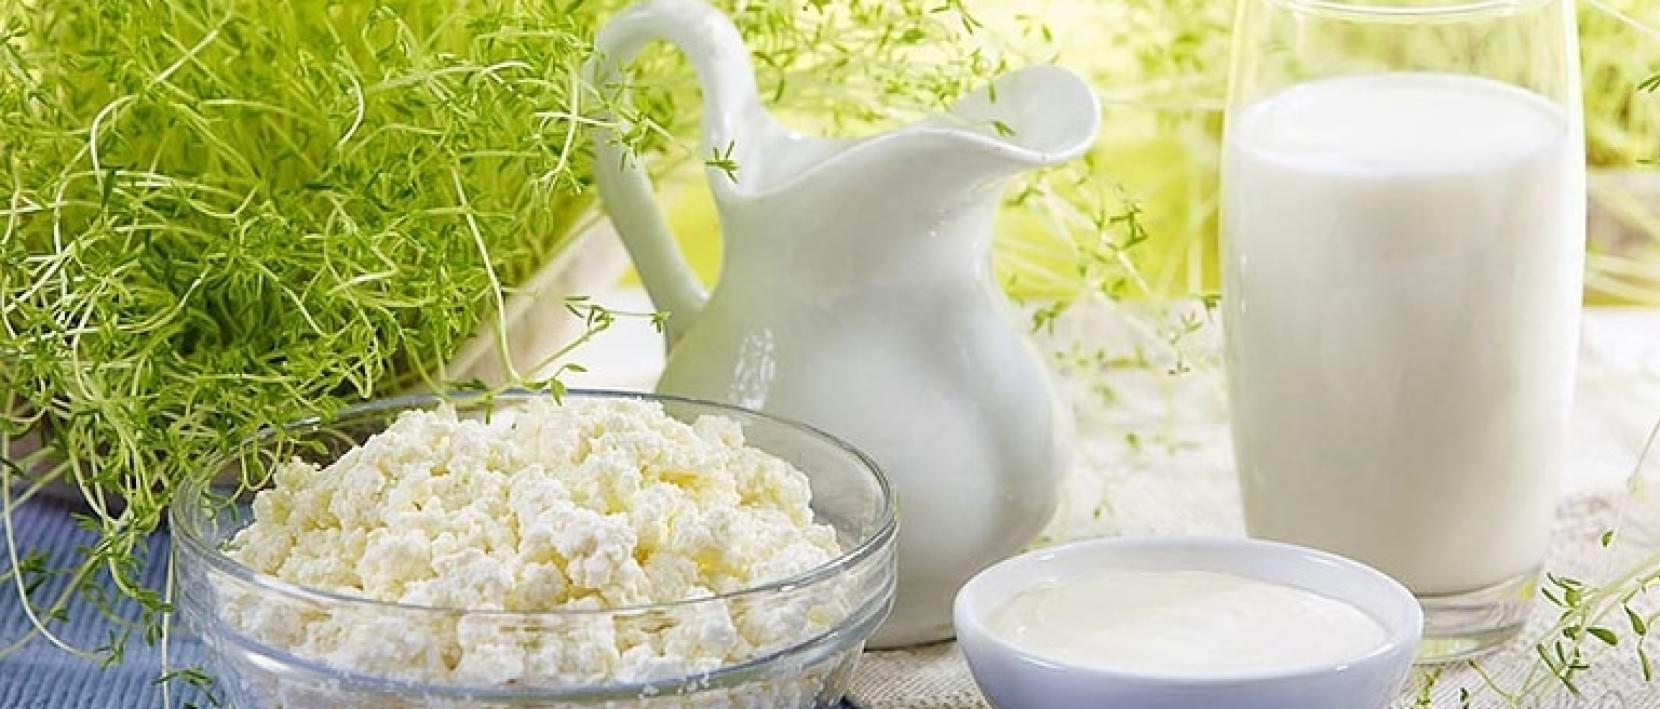 Использование и польза молочного гриба